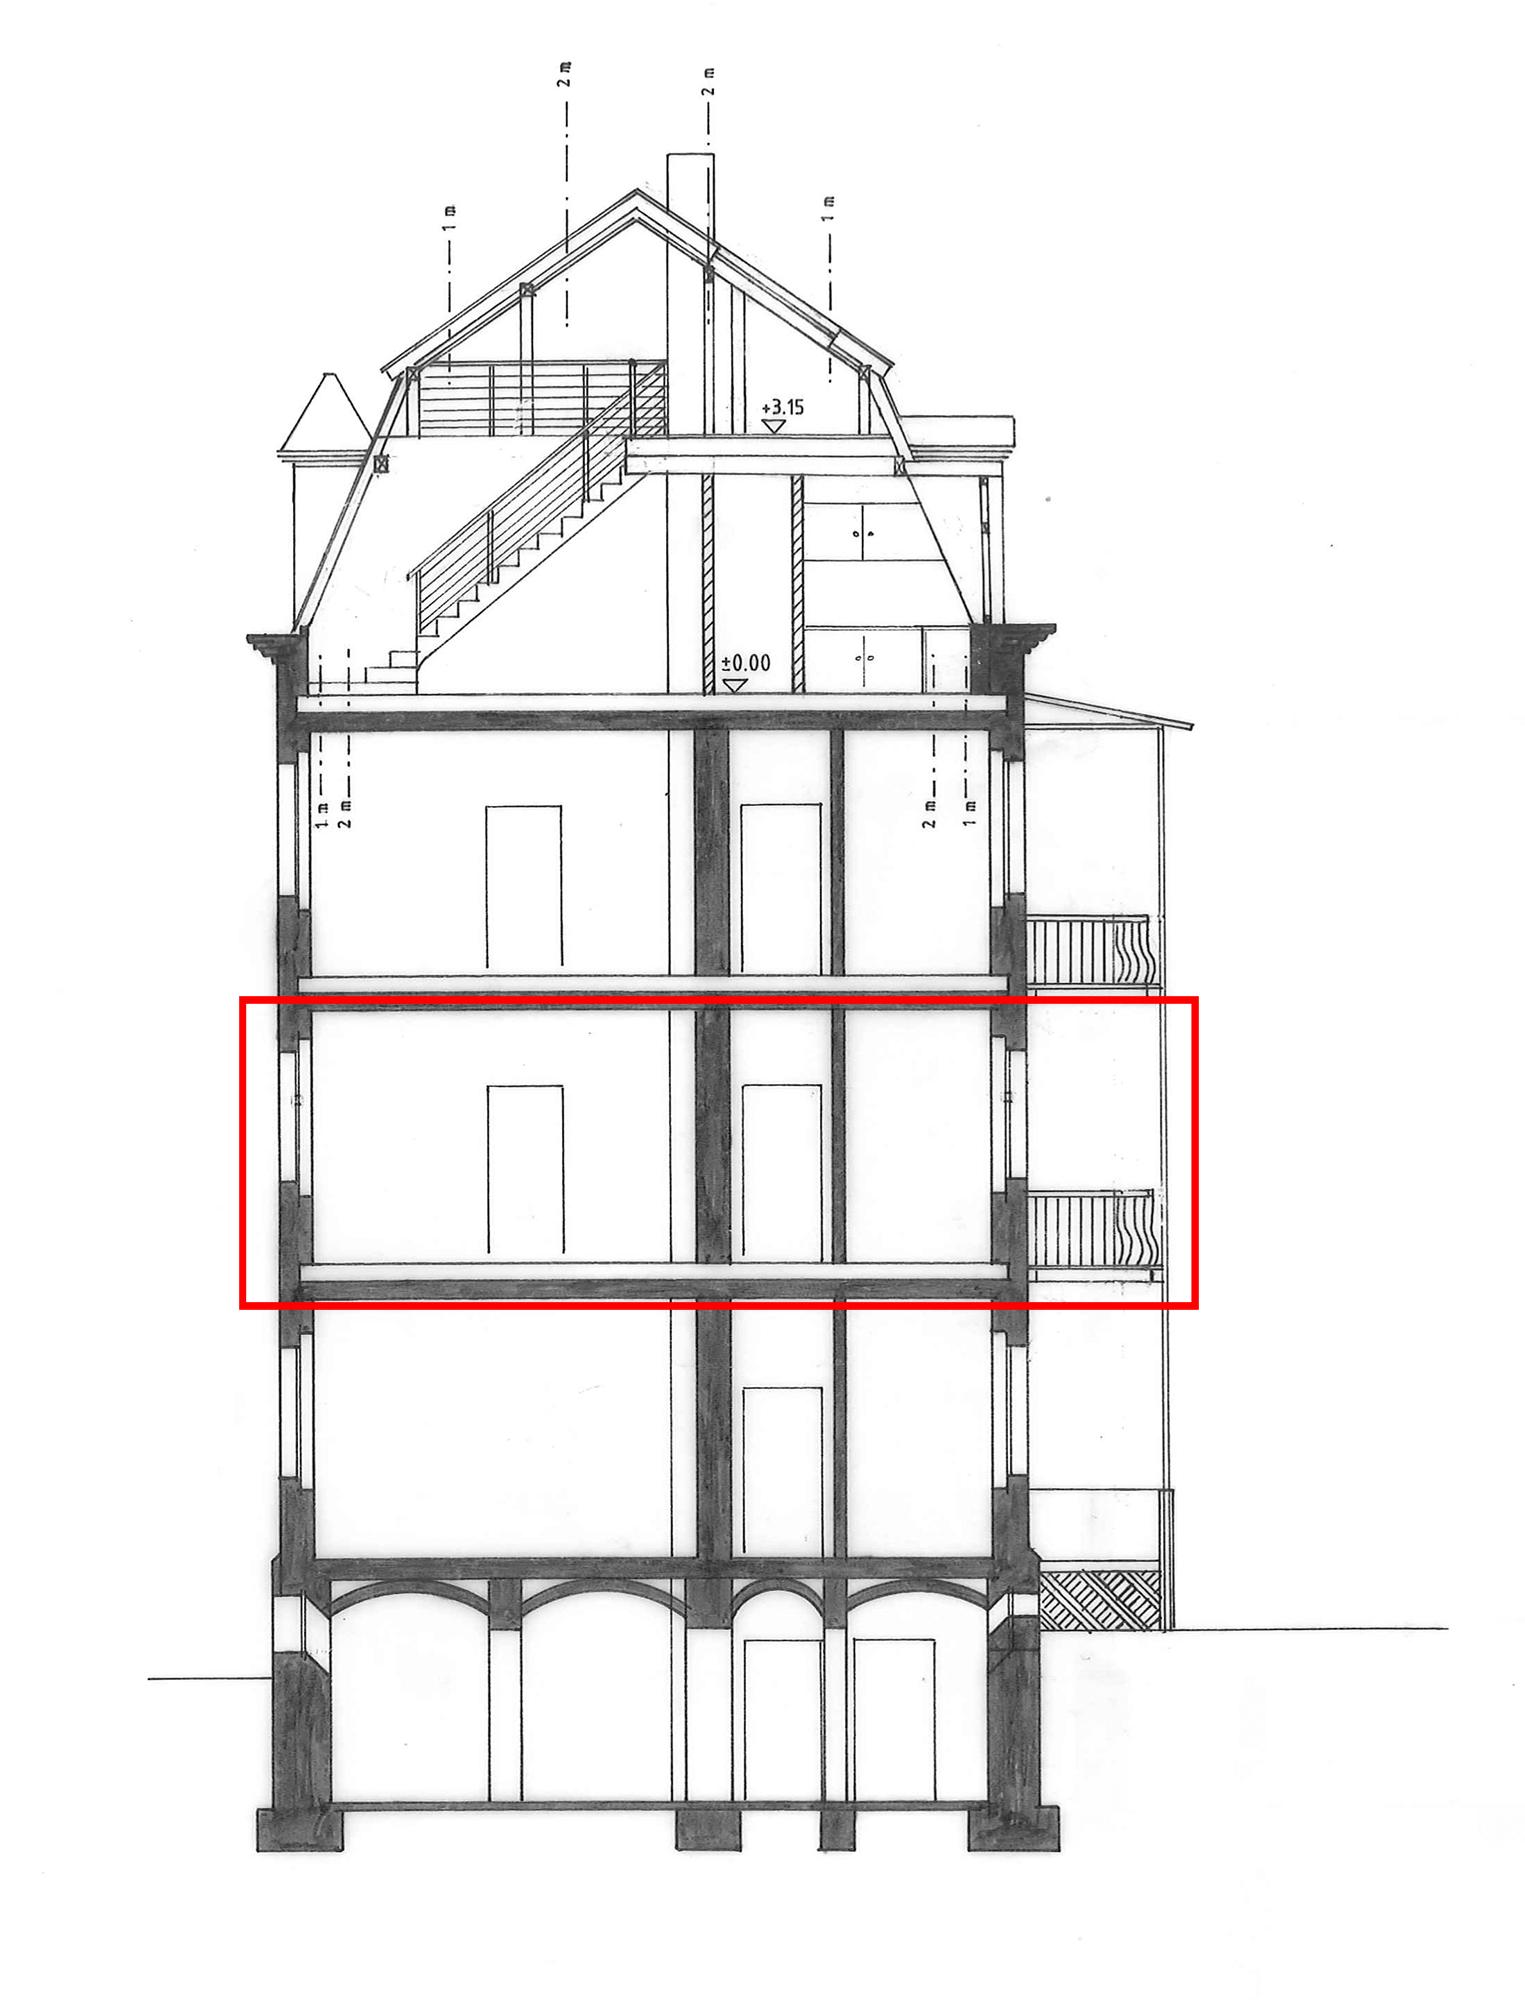 St johannis restaurierung histor architektur umbau - Architektur schnitt ...